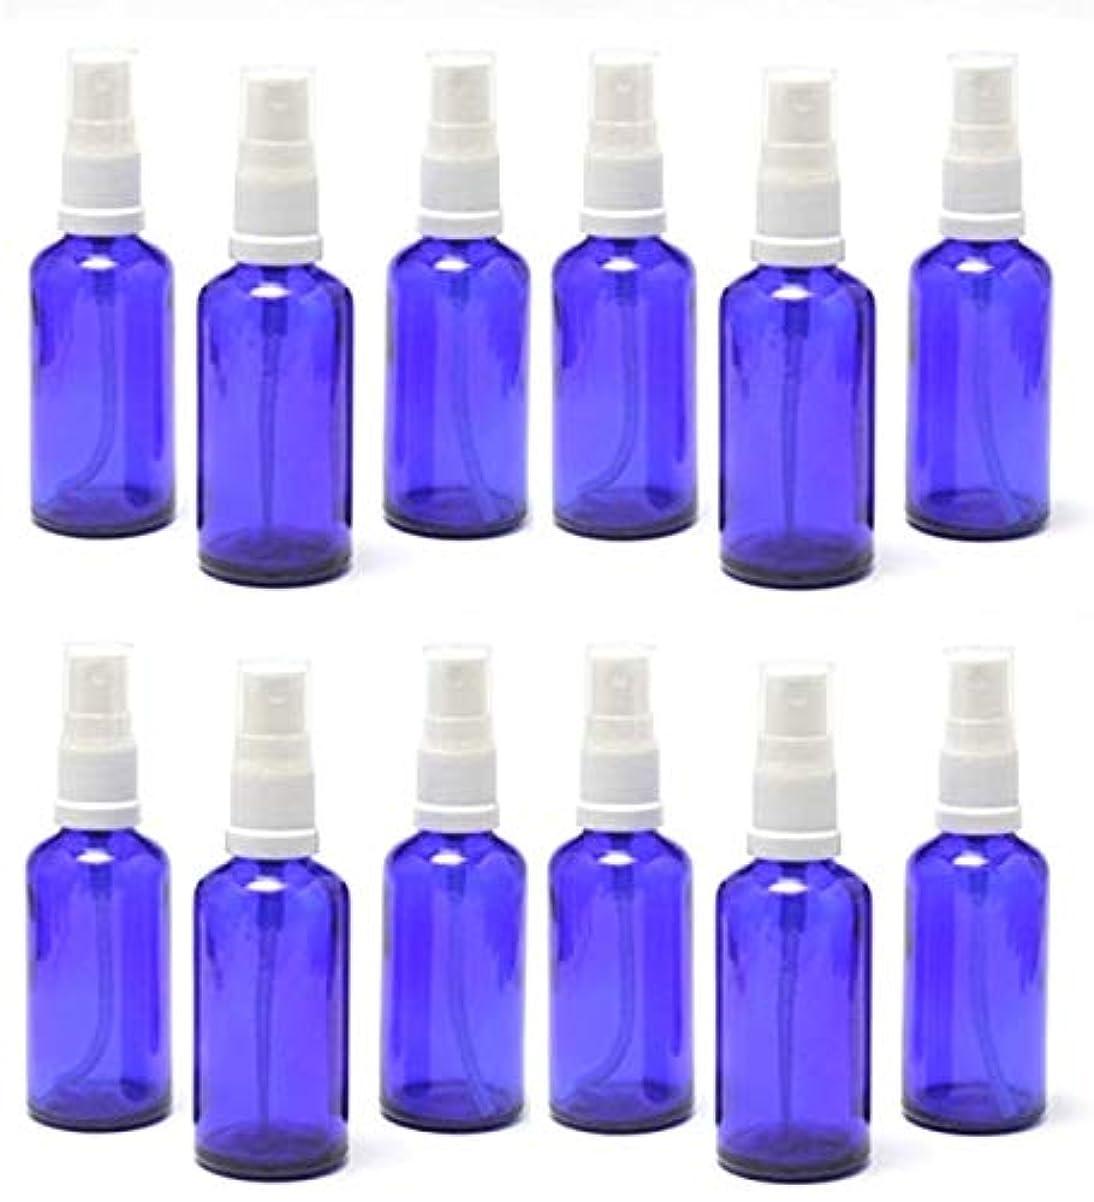 ラビリンス借りている言語遮光瓶 スプレーボトル 50ml コバルトブルー/ホワイトヘッド(グラス/アトマイザー)【 アウトレット商品 】 (4) 12本セット)